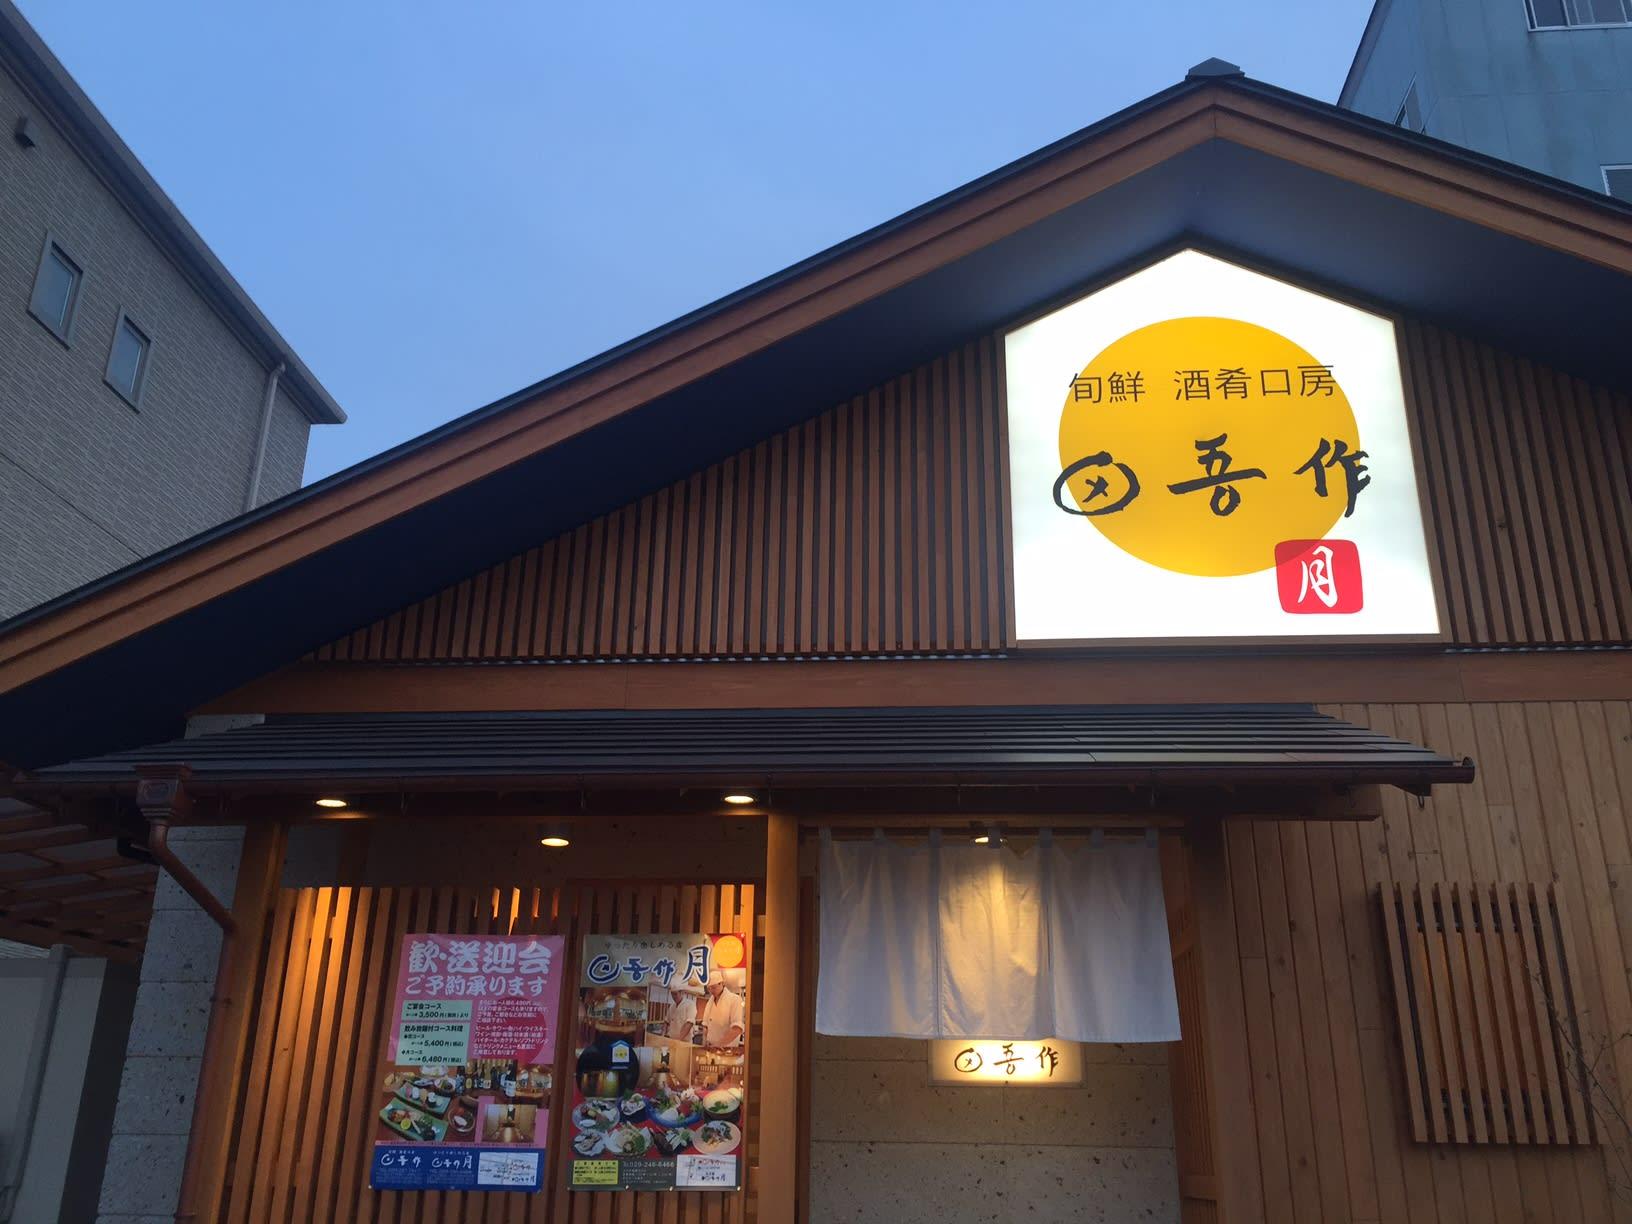 田吾作 月 - 水戸梅日記